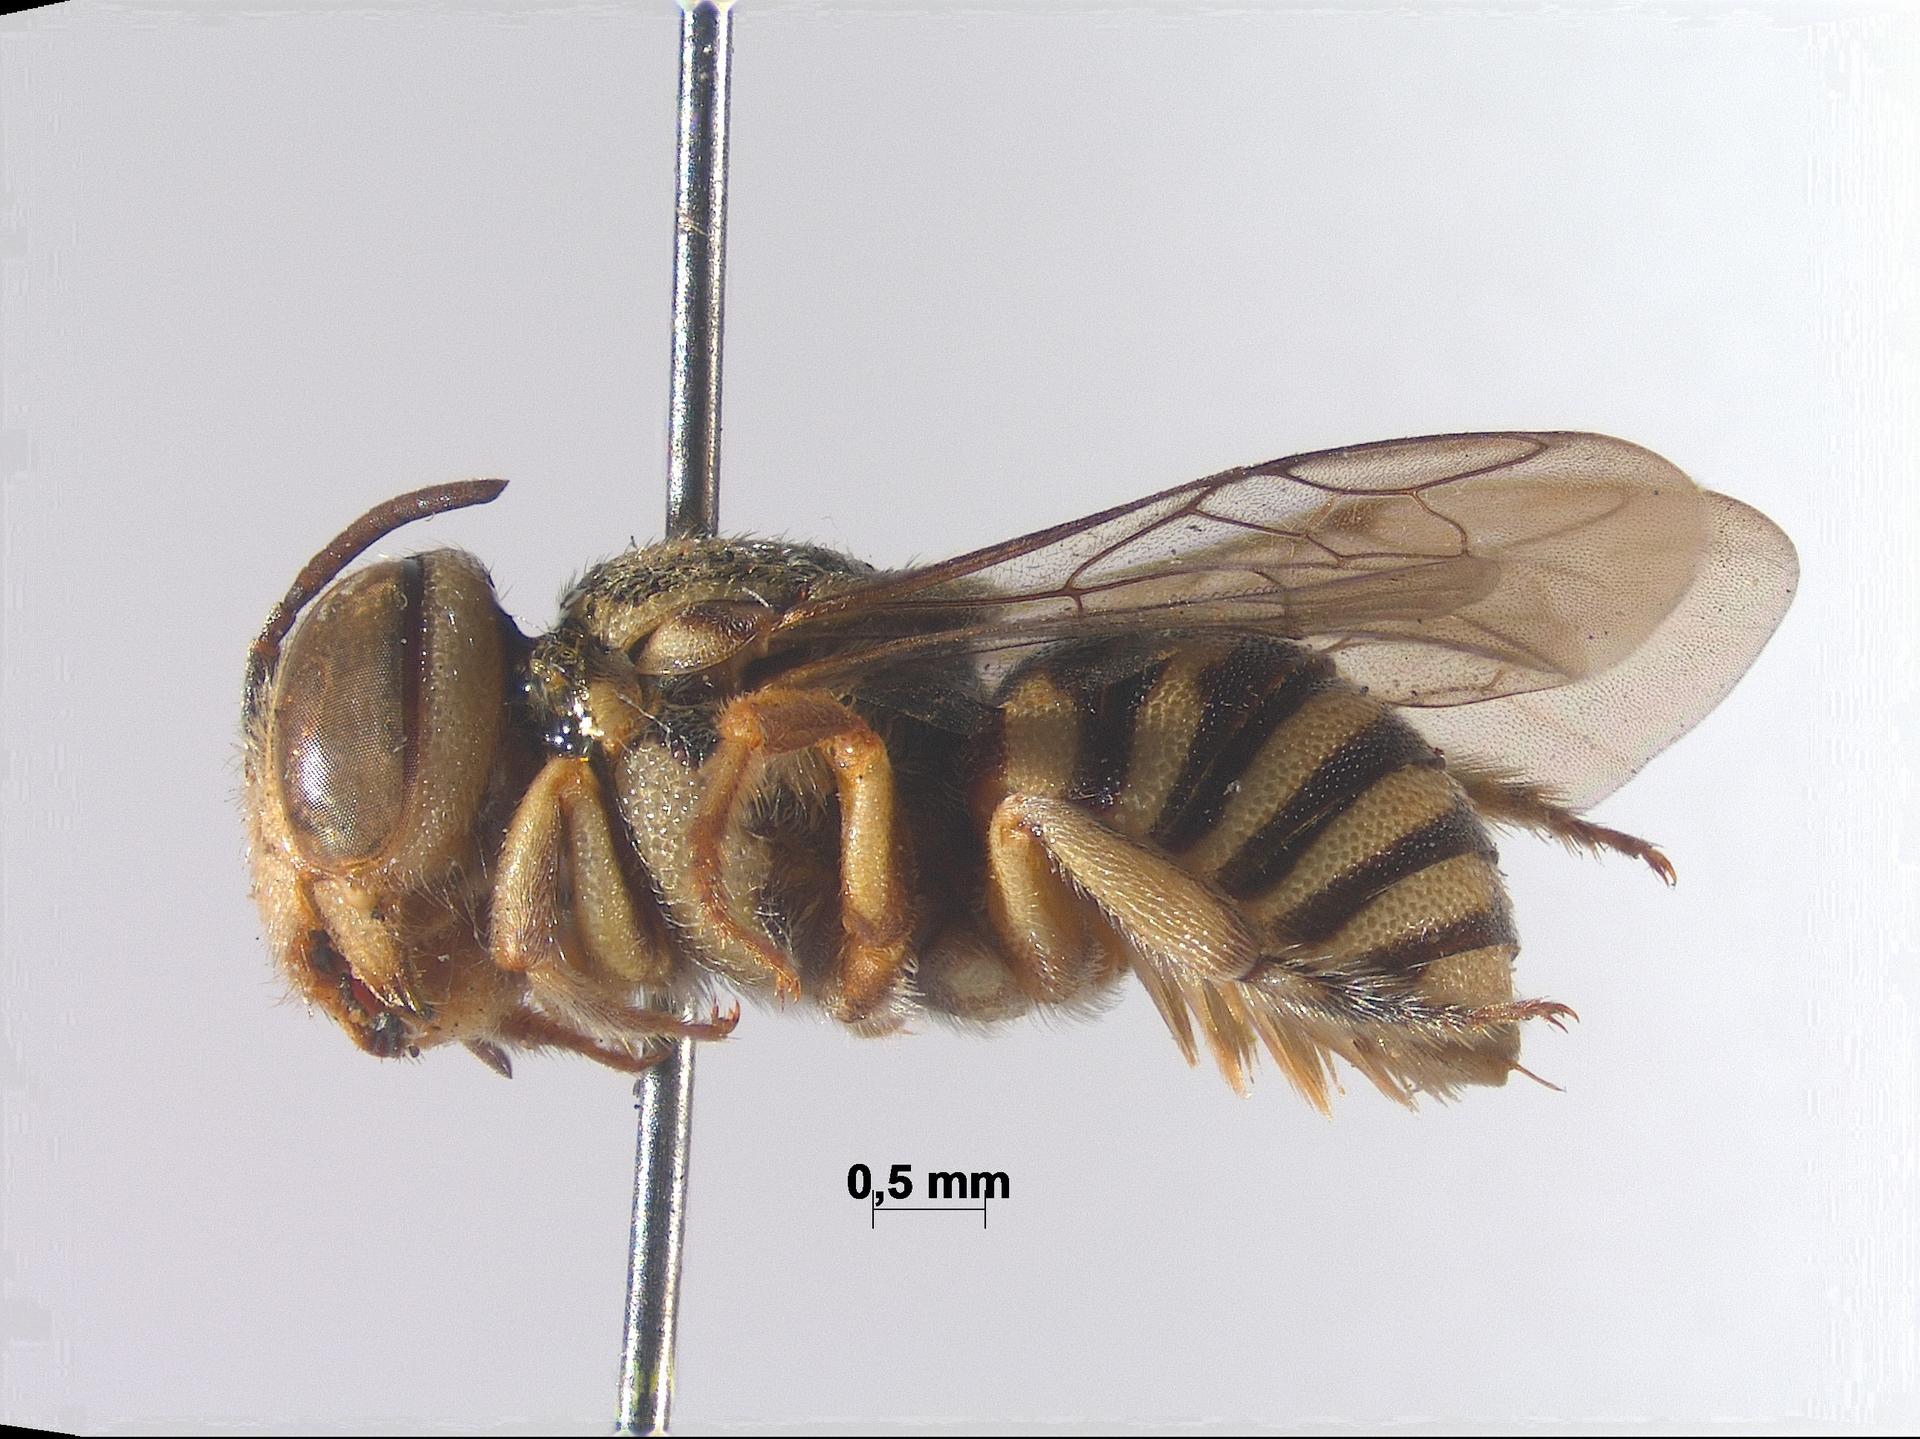 RMNH.INS.943212 | Eoanthidium semicarinatum Pasteels, 1972